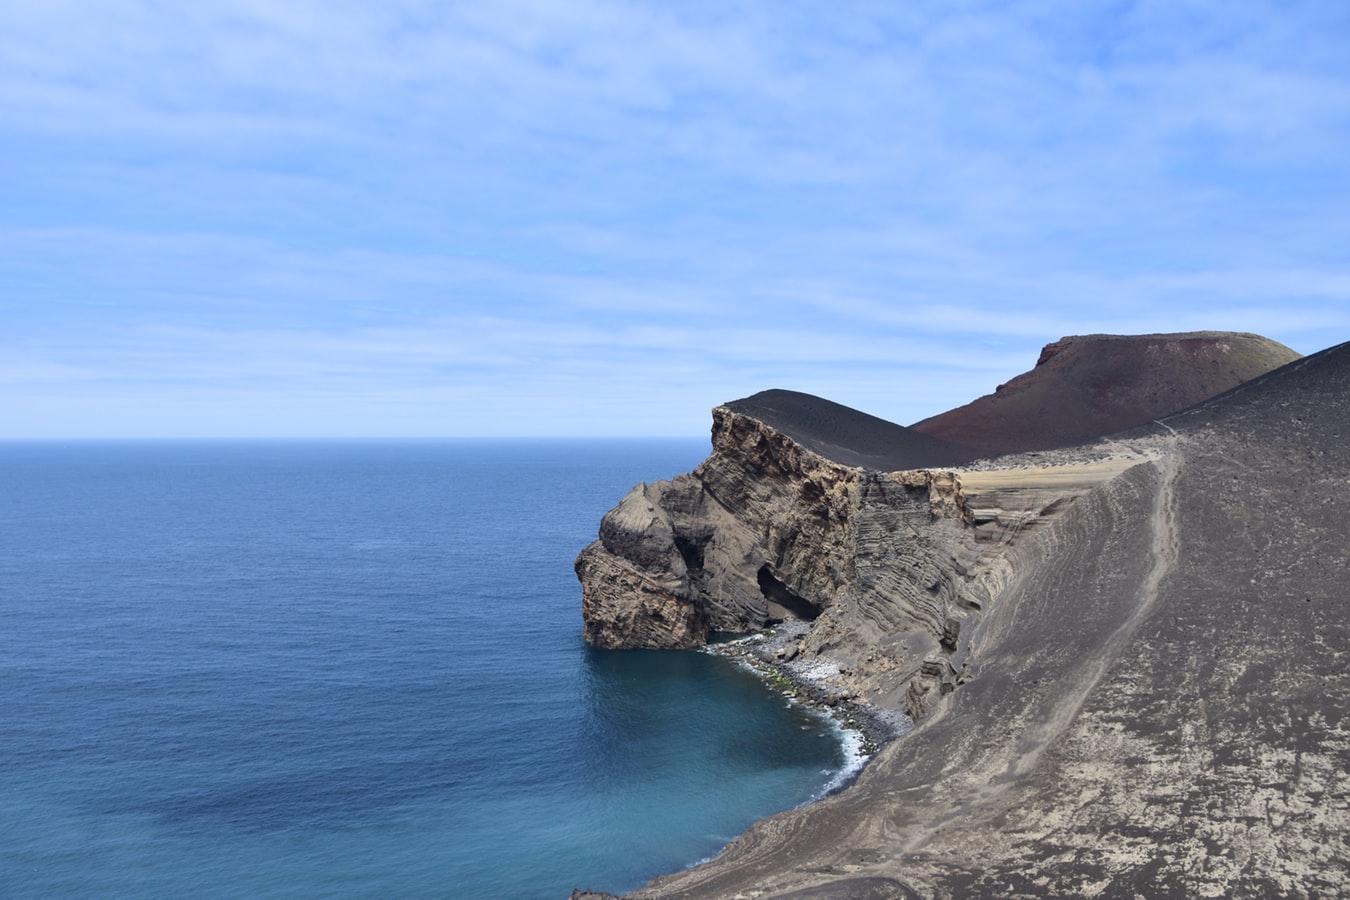 Azores combinado 4 islas: Terceira, Horta, Pico y Sao Miguel